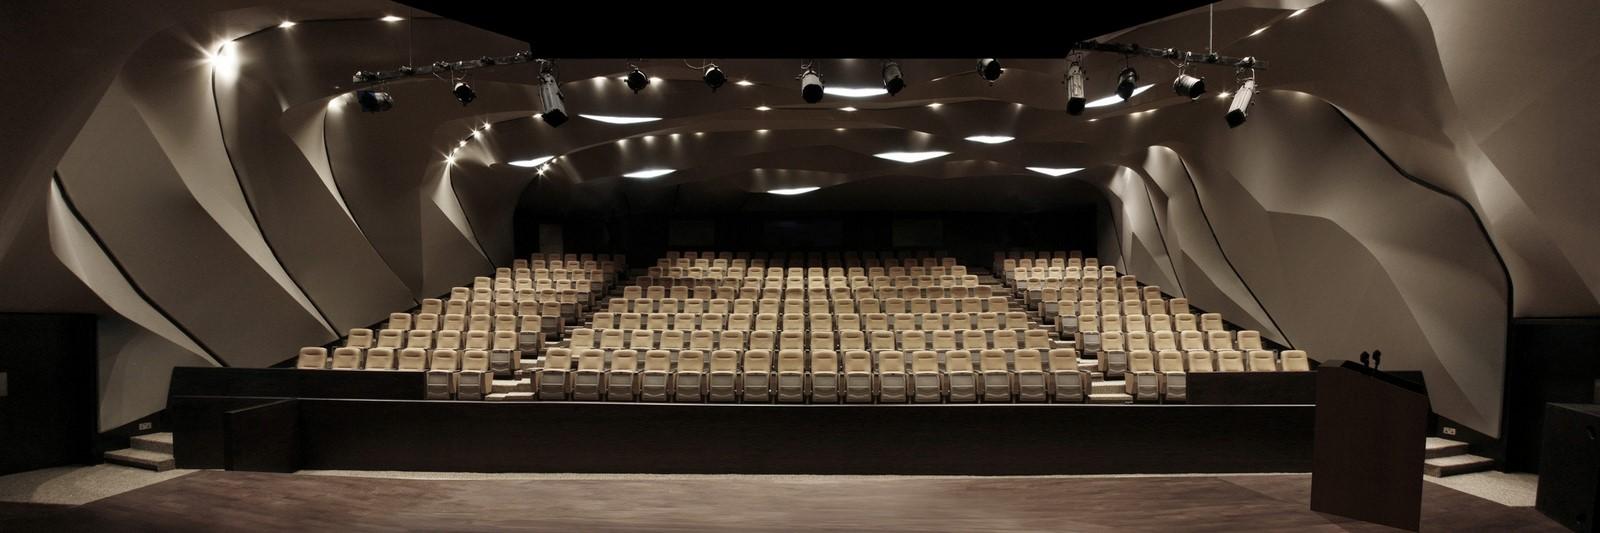 Masrah Al Qasba Theater - Sheet3